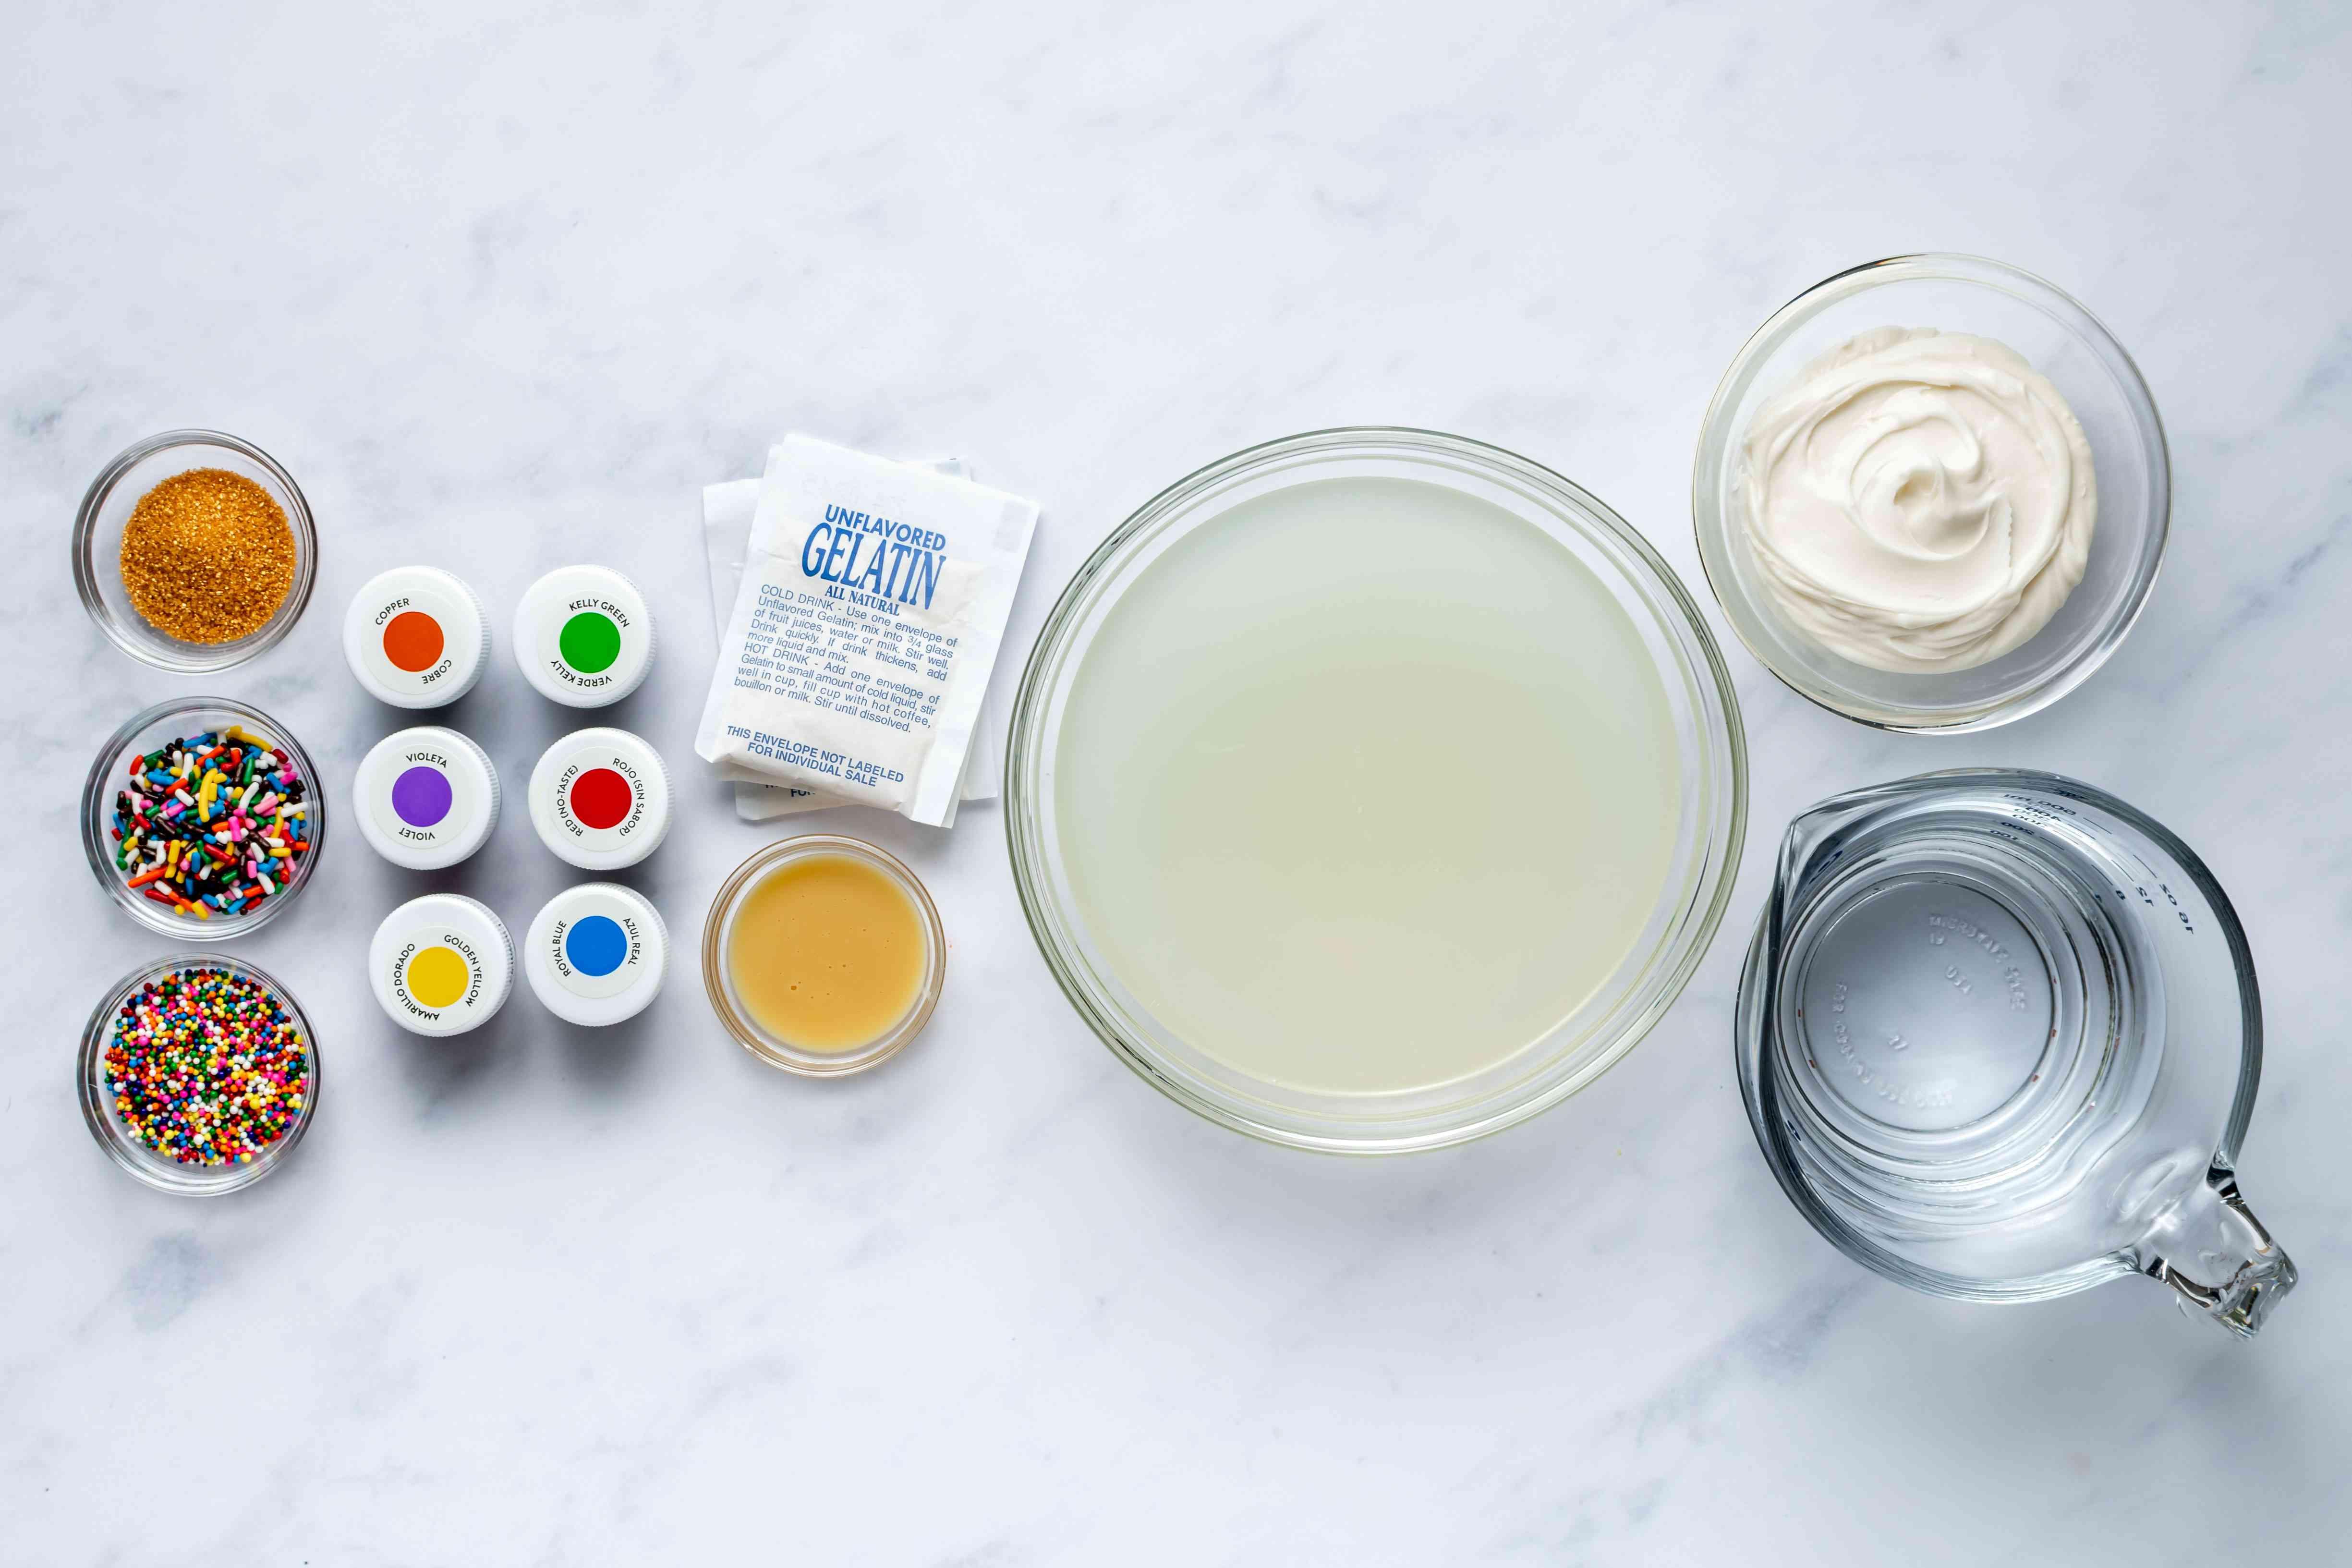 Rainbow Cake Jello Shots ingredients